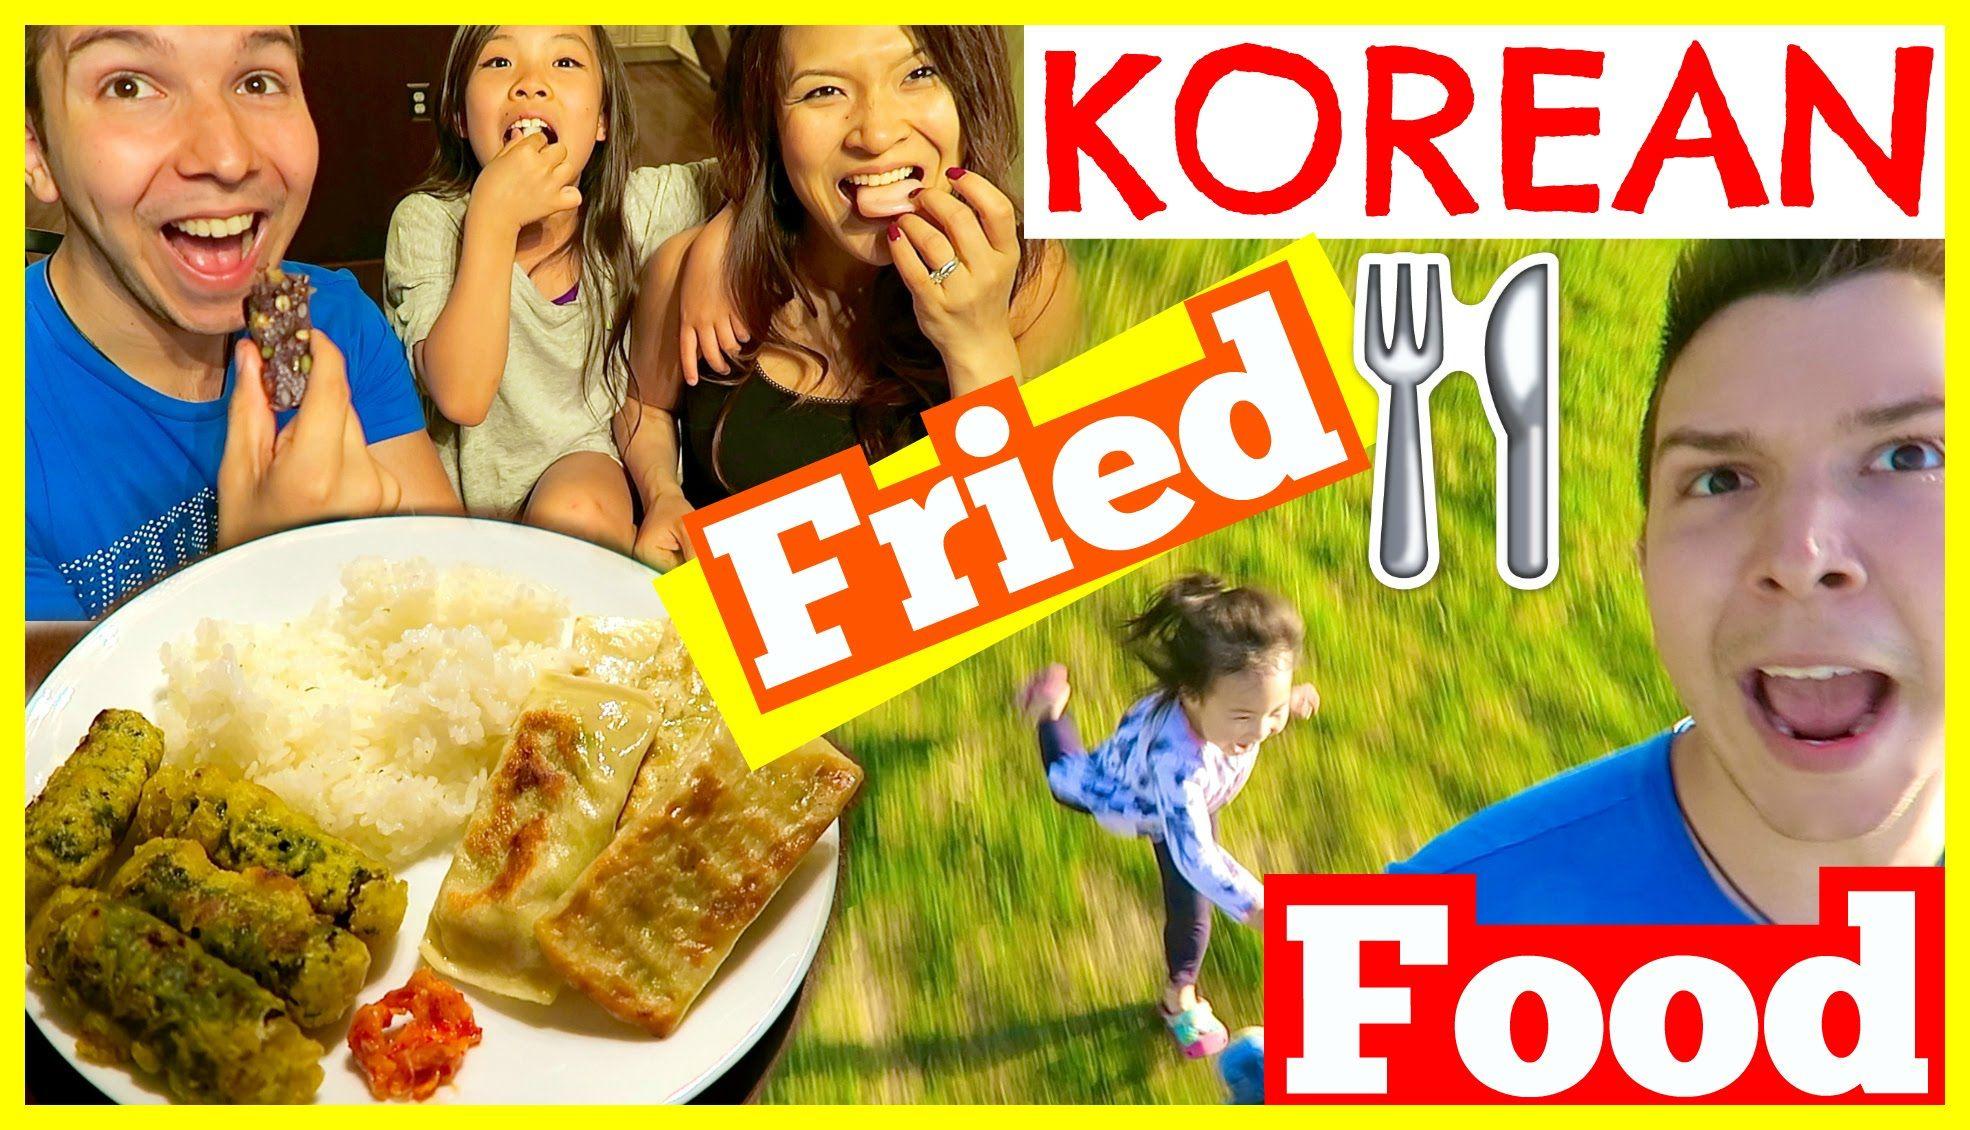 Eating fried korean food mommy tangs house her kids attack me eating fried korean food mommy tangs house her kids attack me youtube forumfinder Gallery